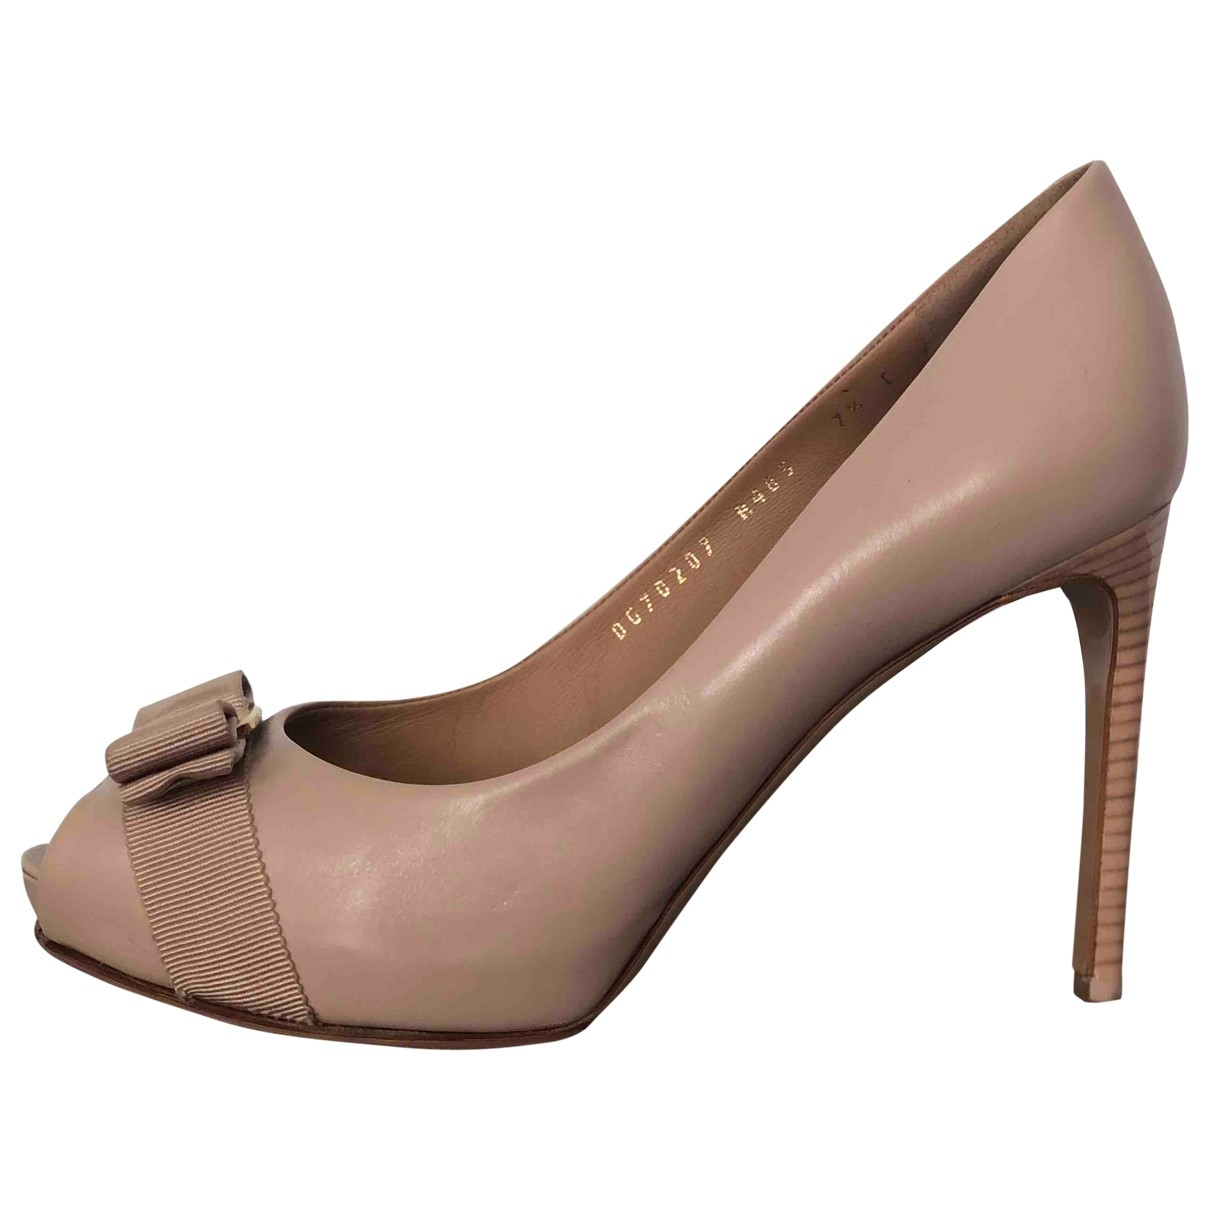 Salvatore Ferragamo \N Beige Leather Heels for Women 7.5 US